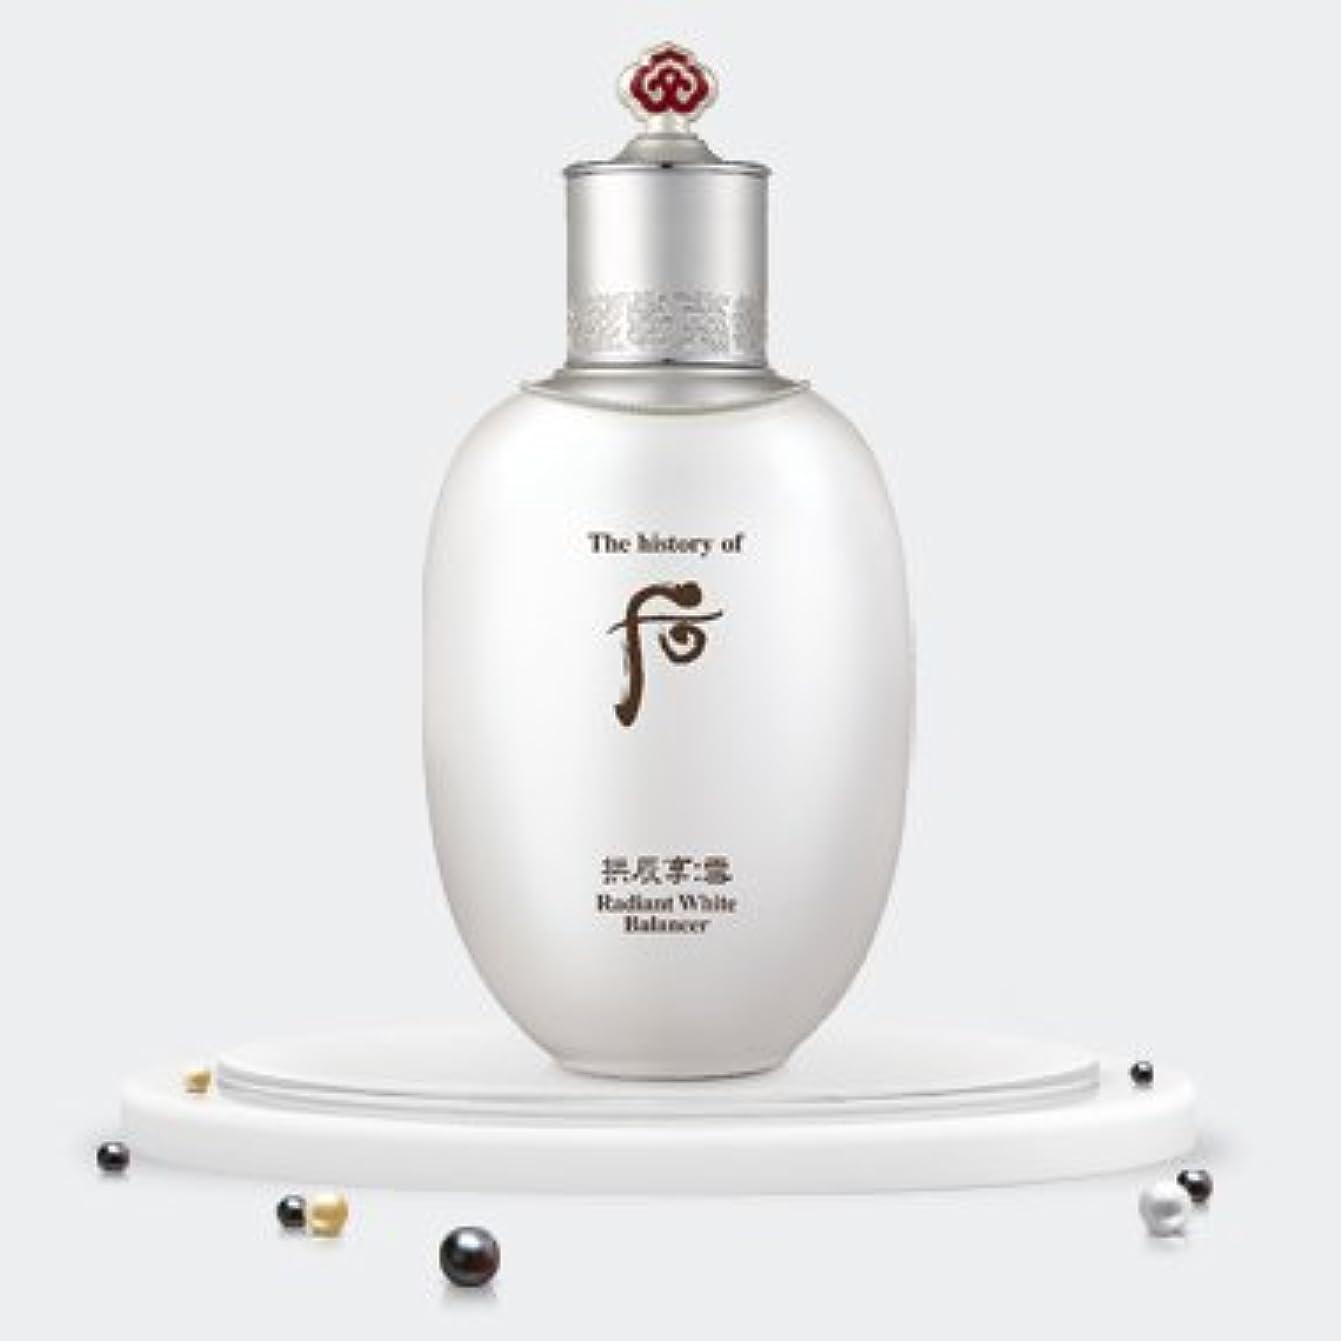 機械発症誘発するThe history of Whoo Gongjinhyang Seol Radiant White Balancer 150ml/ザ ヒストリー オブ フー (后) 拱辰享 雪 ラディアント ホワイト バランサー 150ml